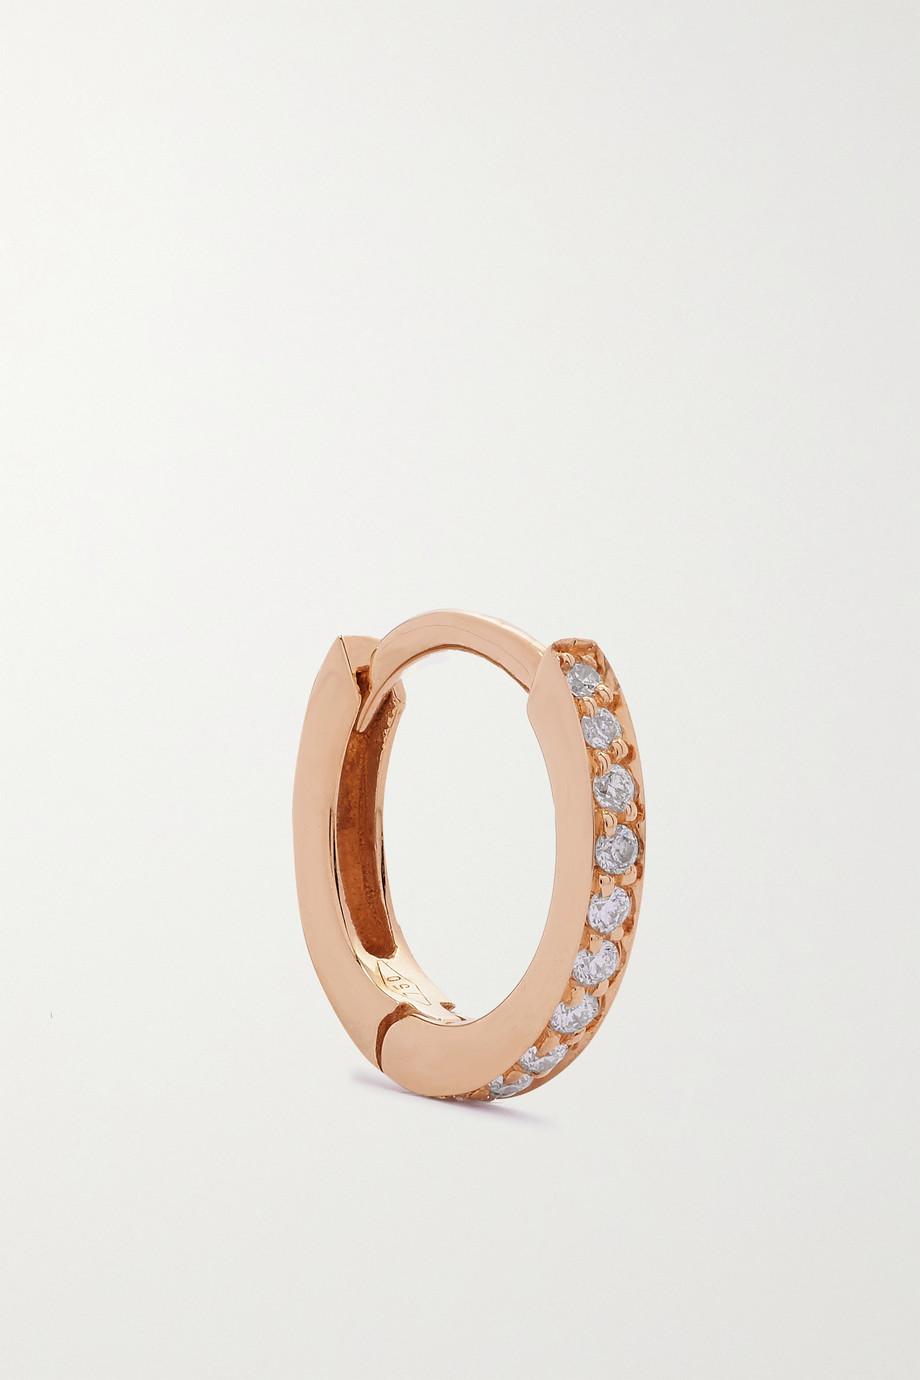 Repossi Boucle d'oreille unique en or rose 18 carats et diamants Berbère